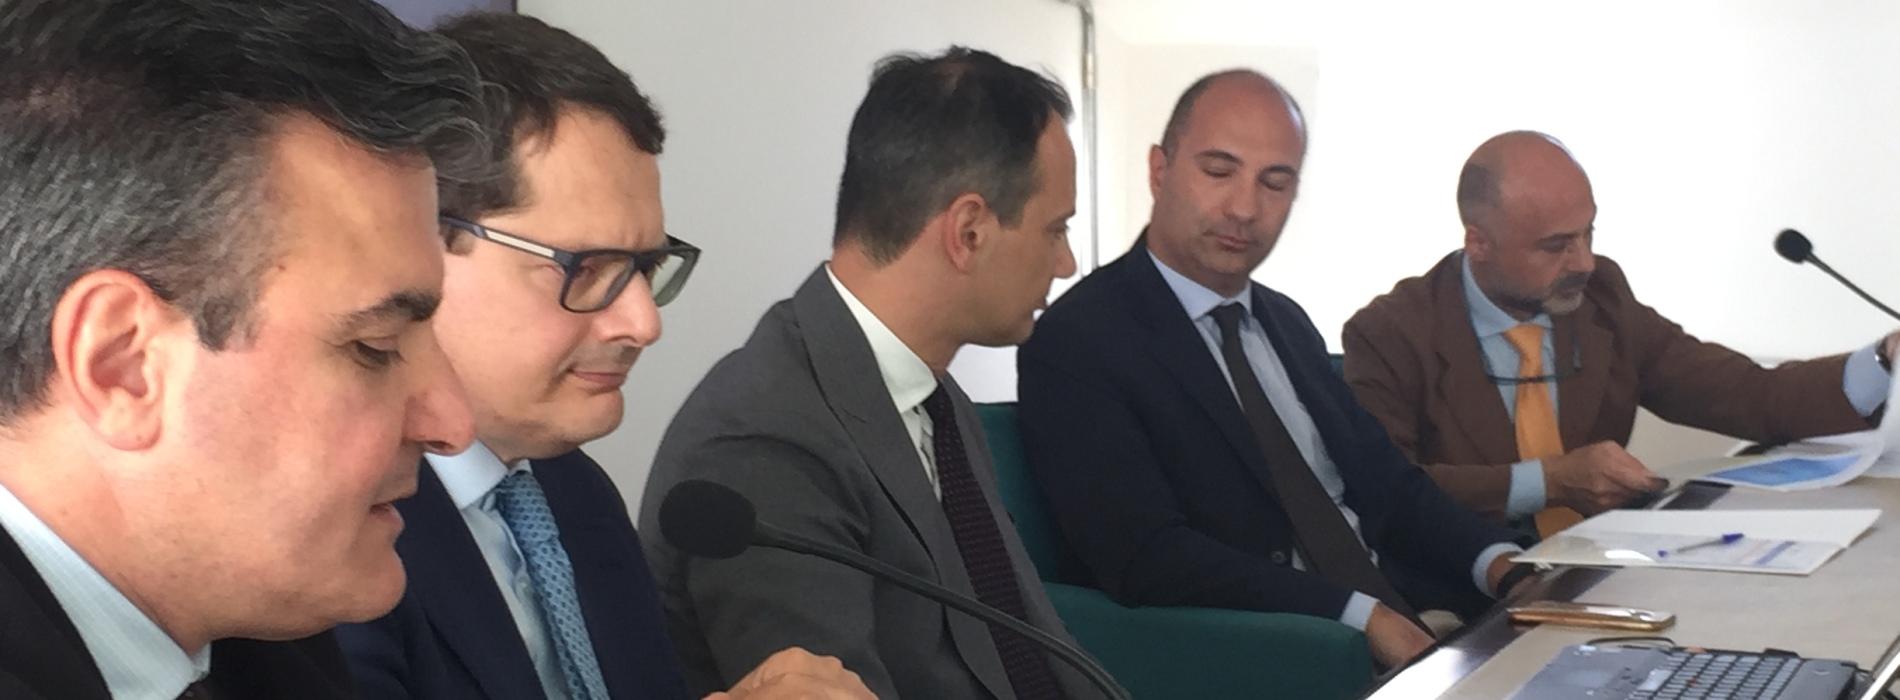 Contenzioso bancario. Roberto Boccagna, avvocato